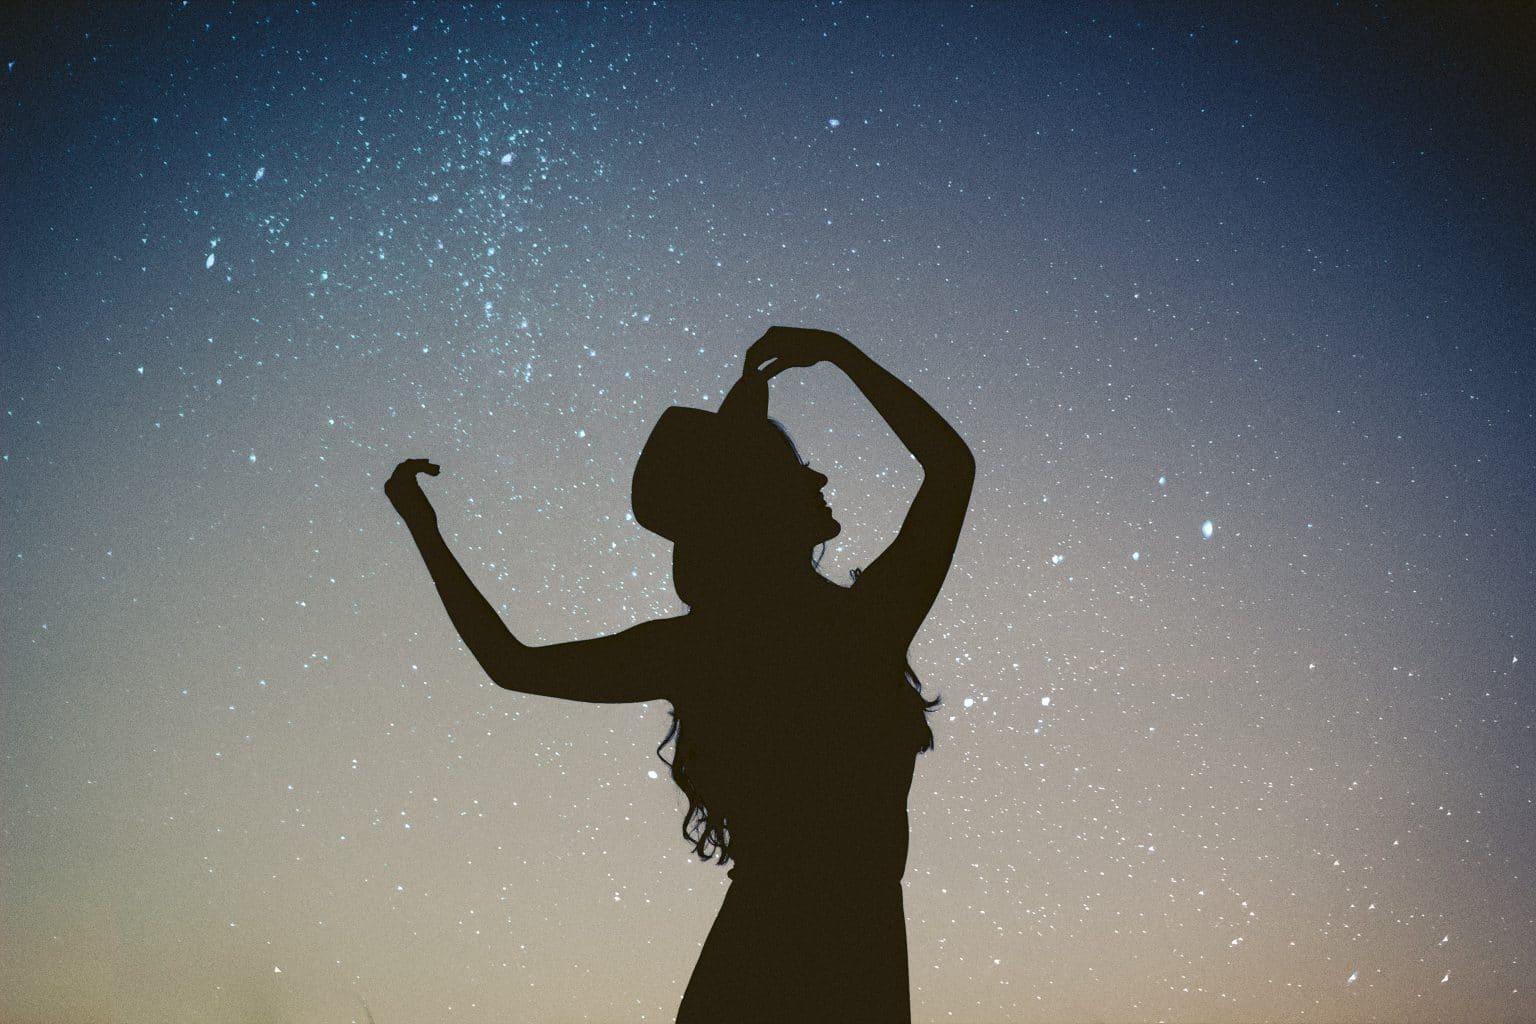 Sternzeichen Löwe Frau mit Hut Silhouette vor Sternenhimmel